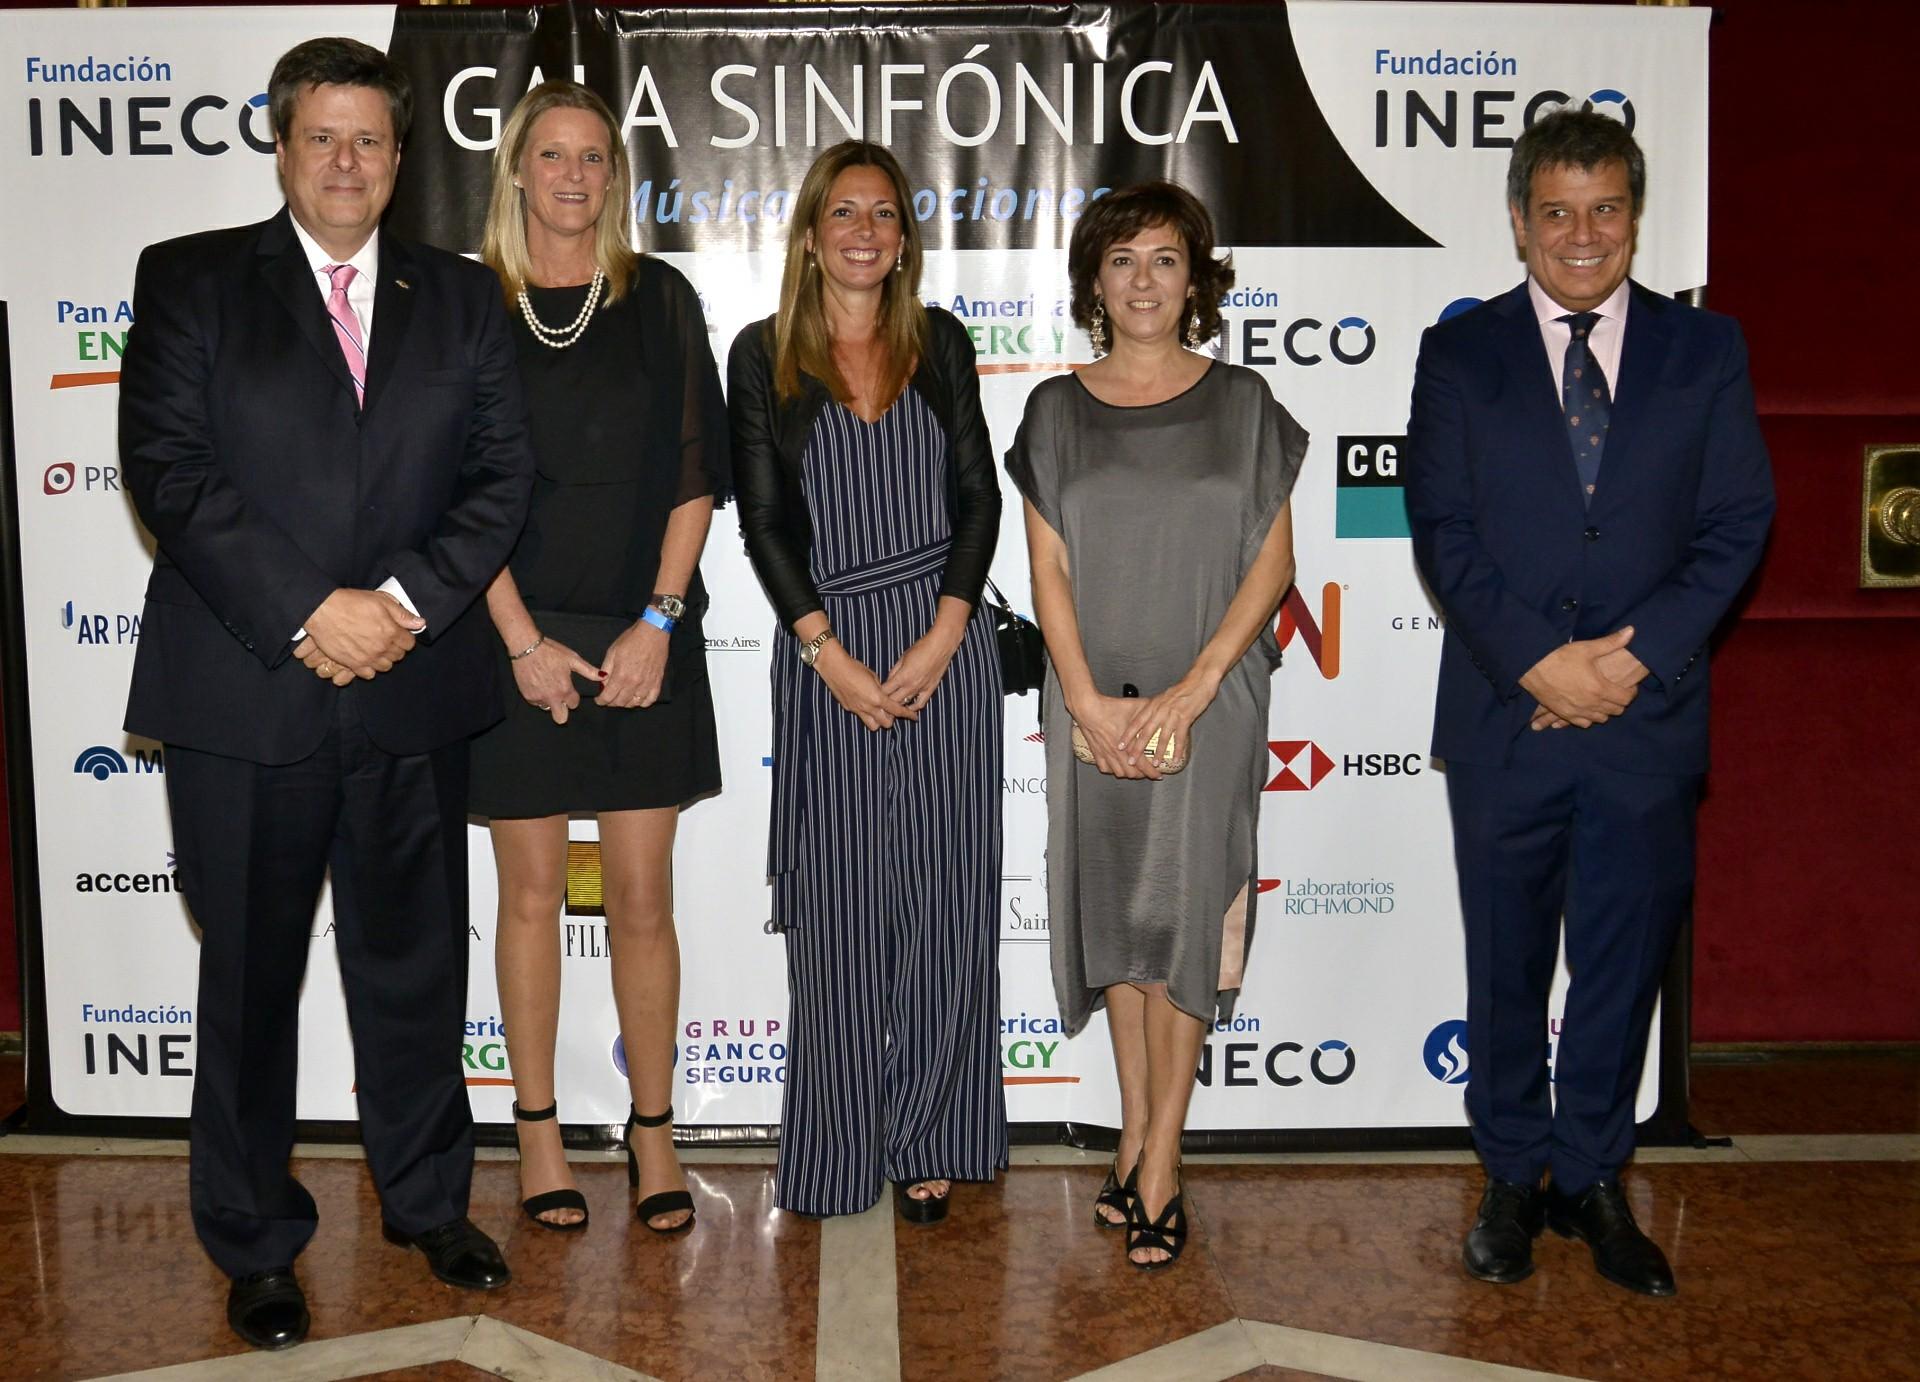 Federico Ovejero, vicepresidente de General Motors; Soledad Pannunzio, líder de relaciones institucionales de General Motors; Josefina y Facundo Manes